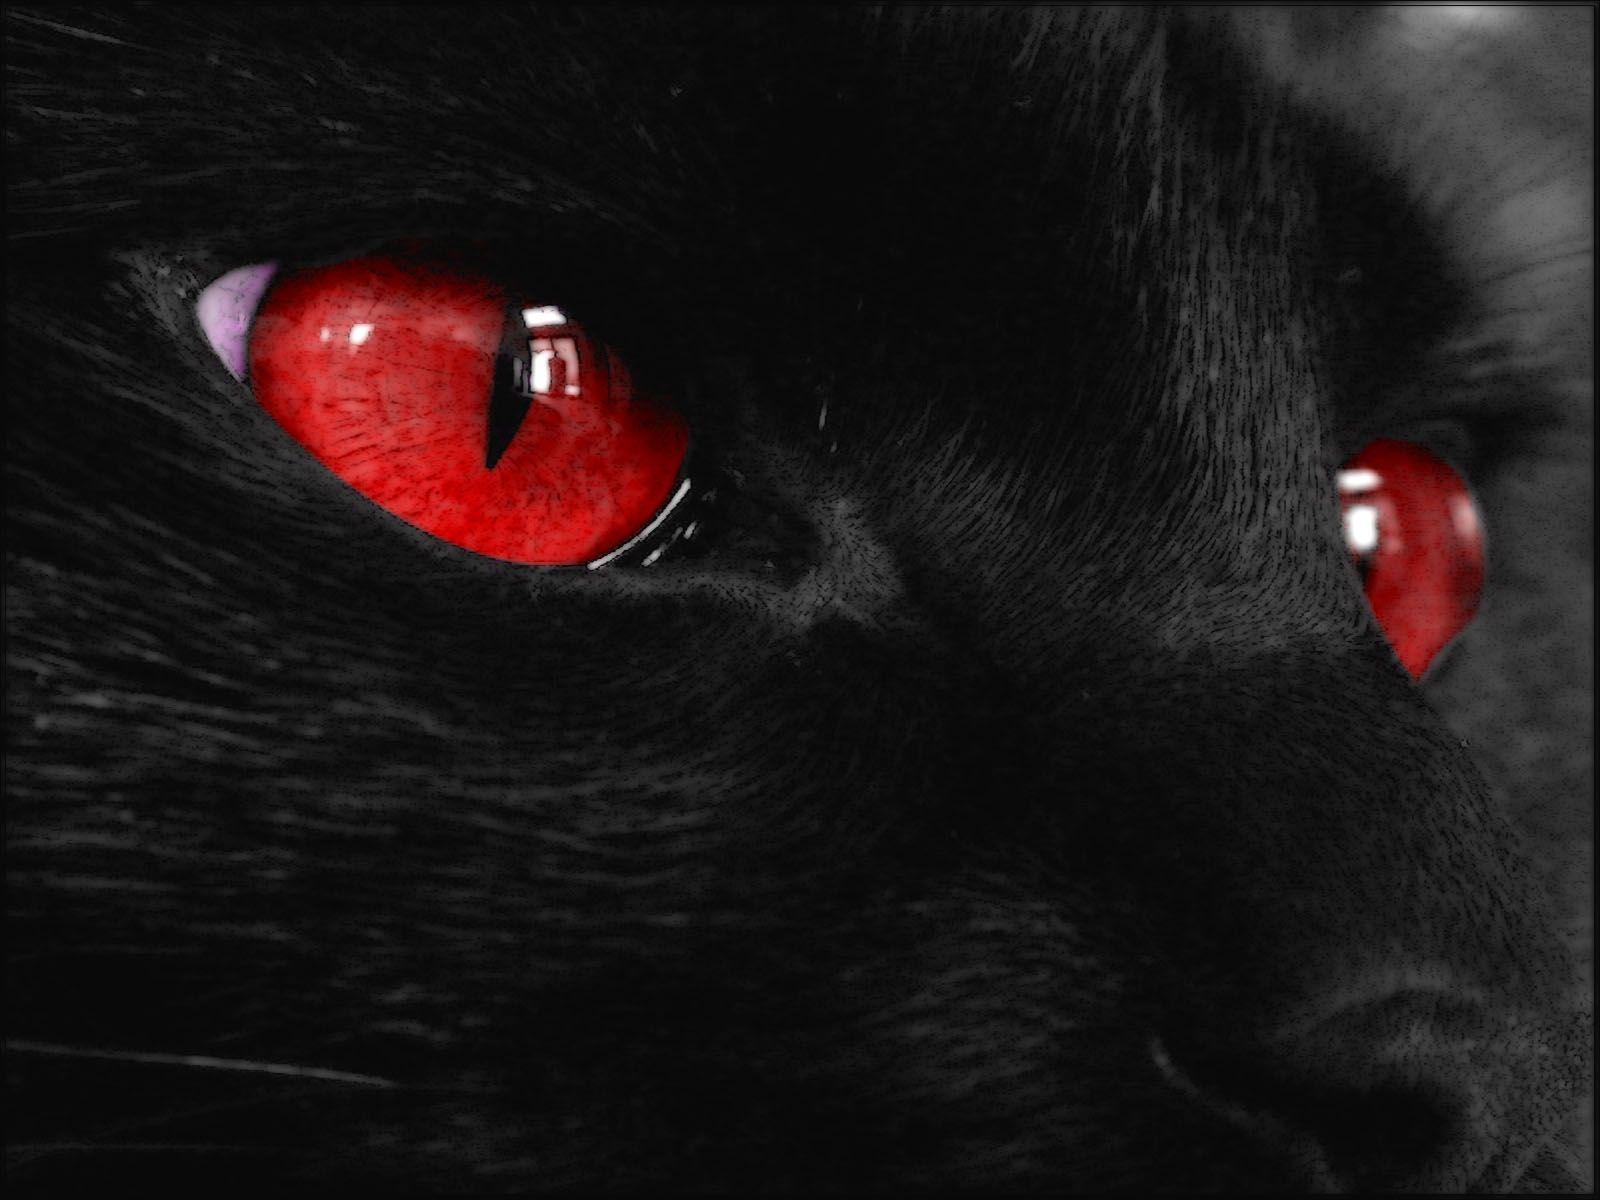 Dark Eyes Wallpaper Hd